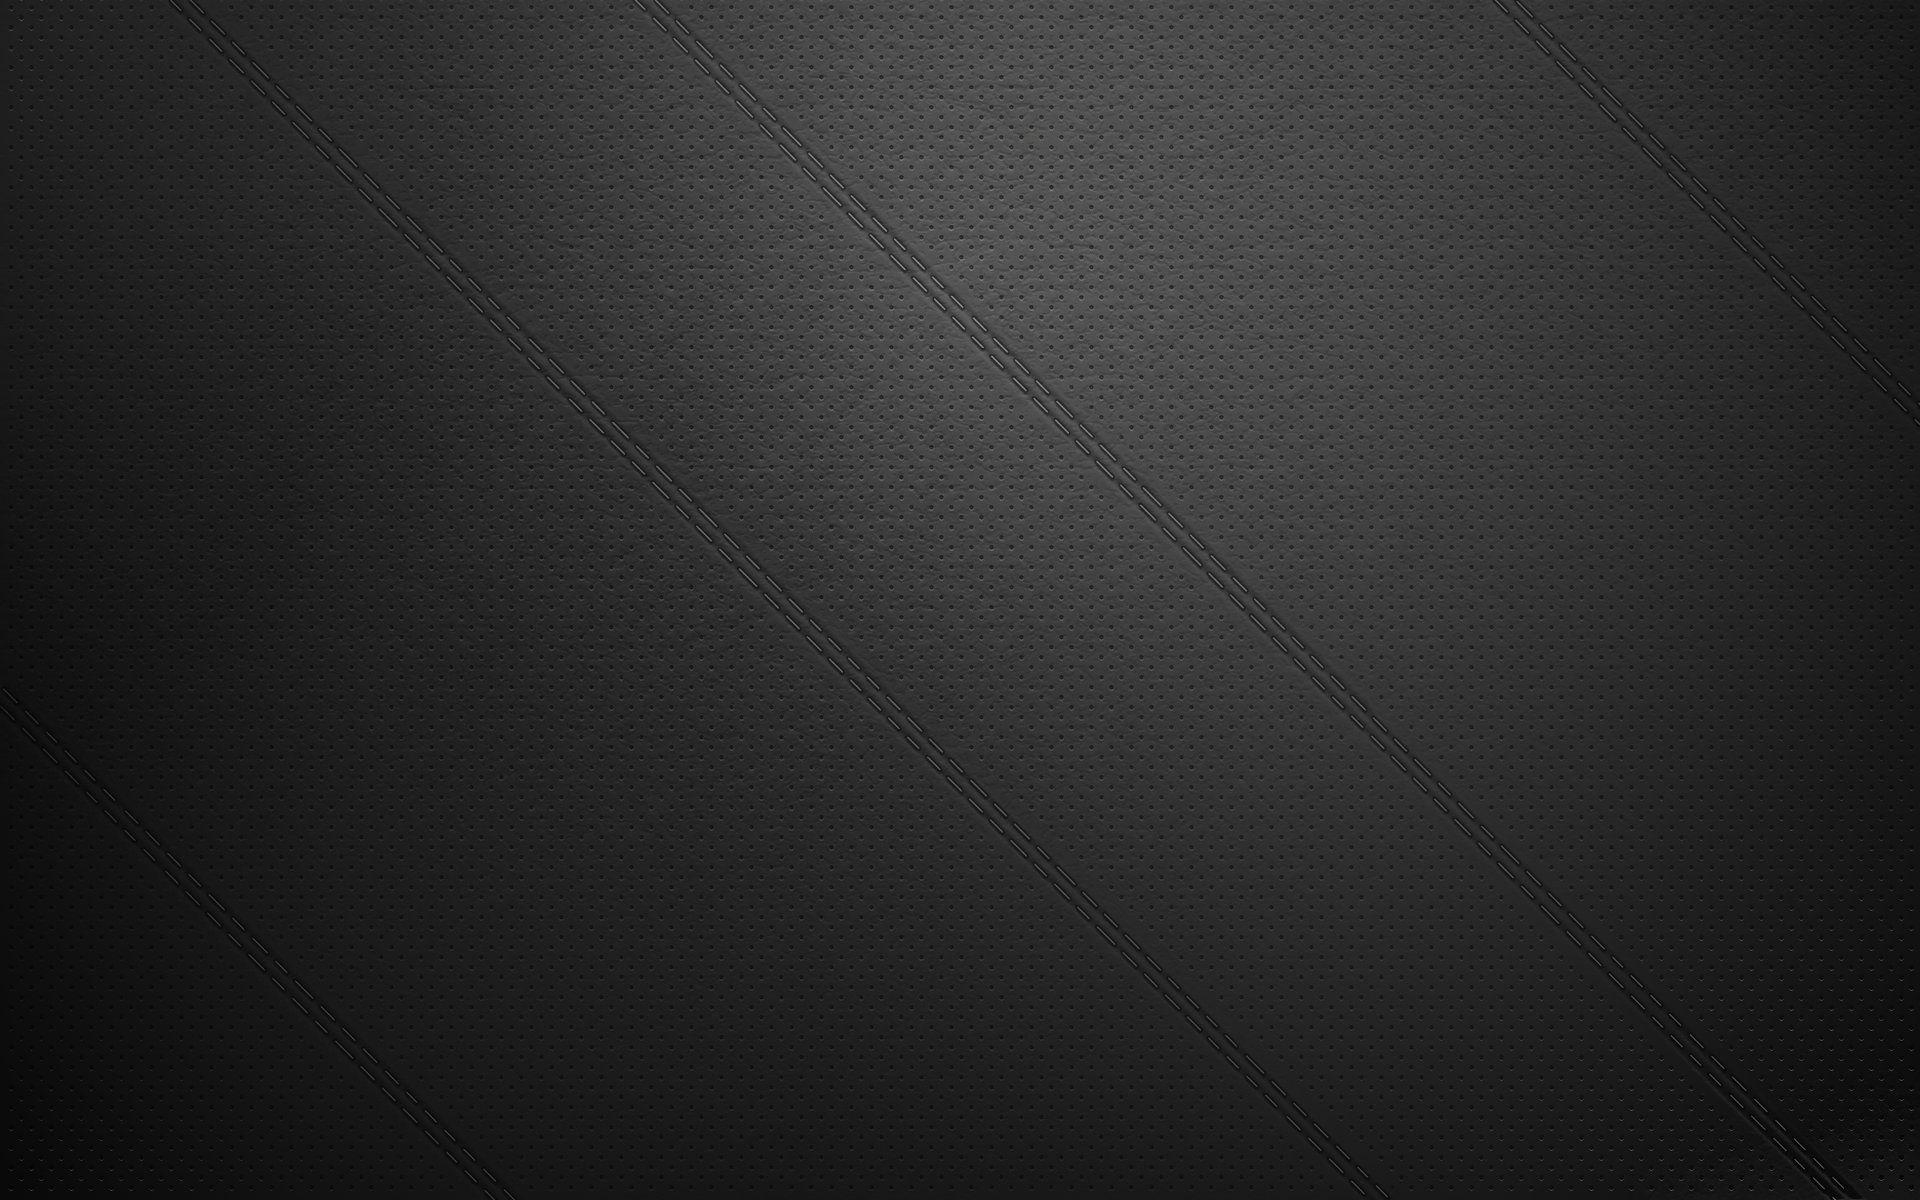 55287 обои 1080x2340 на телефон бесплатно, скачать картинки Текстура, Текстуры, Кожа, Строчка, Нить, Перфорация, Перфорированная Кожа 1080x2340 на мобильный